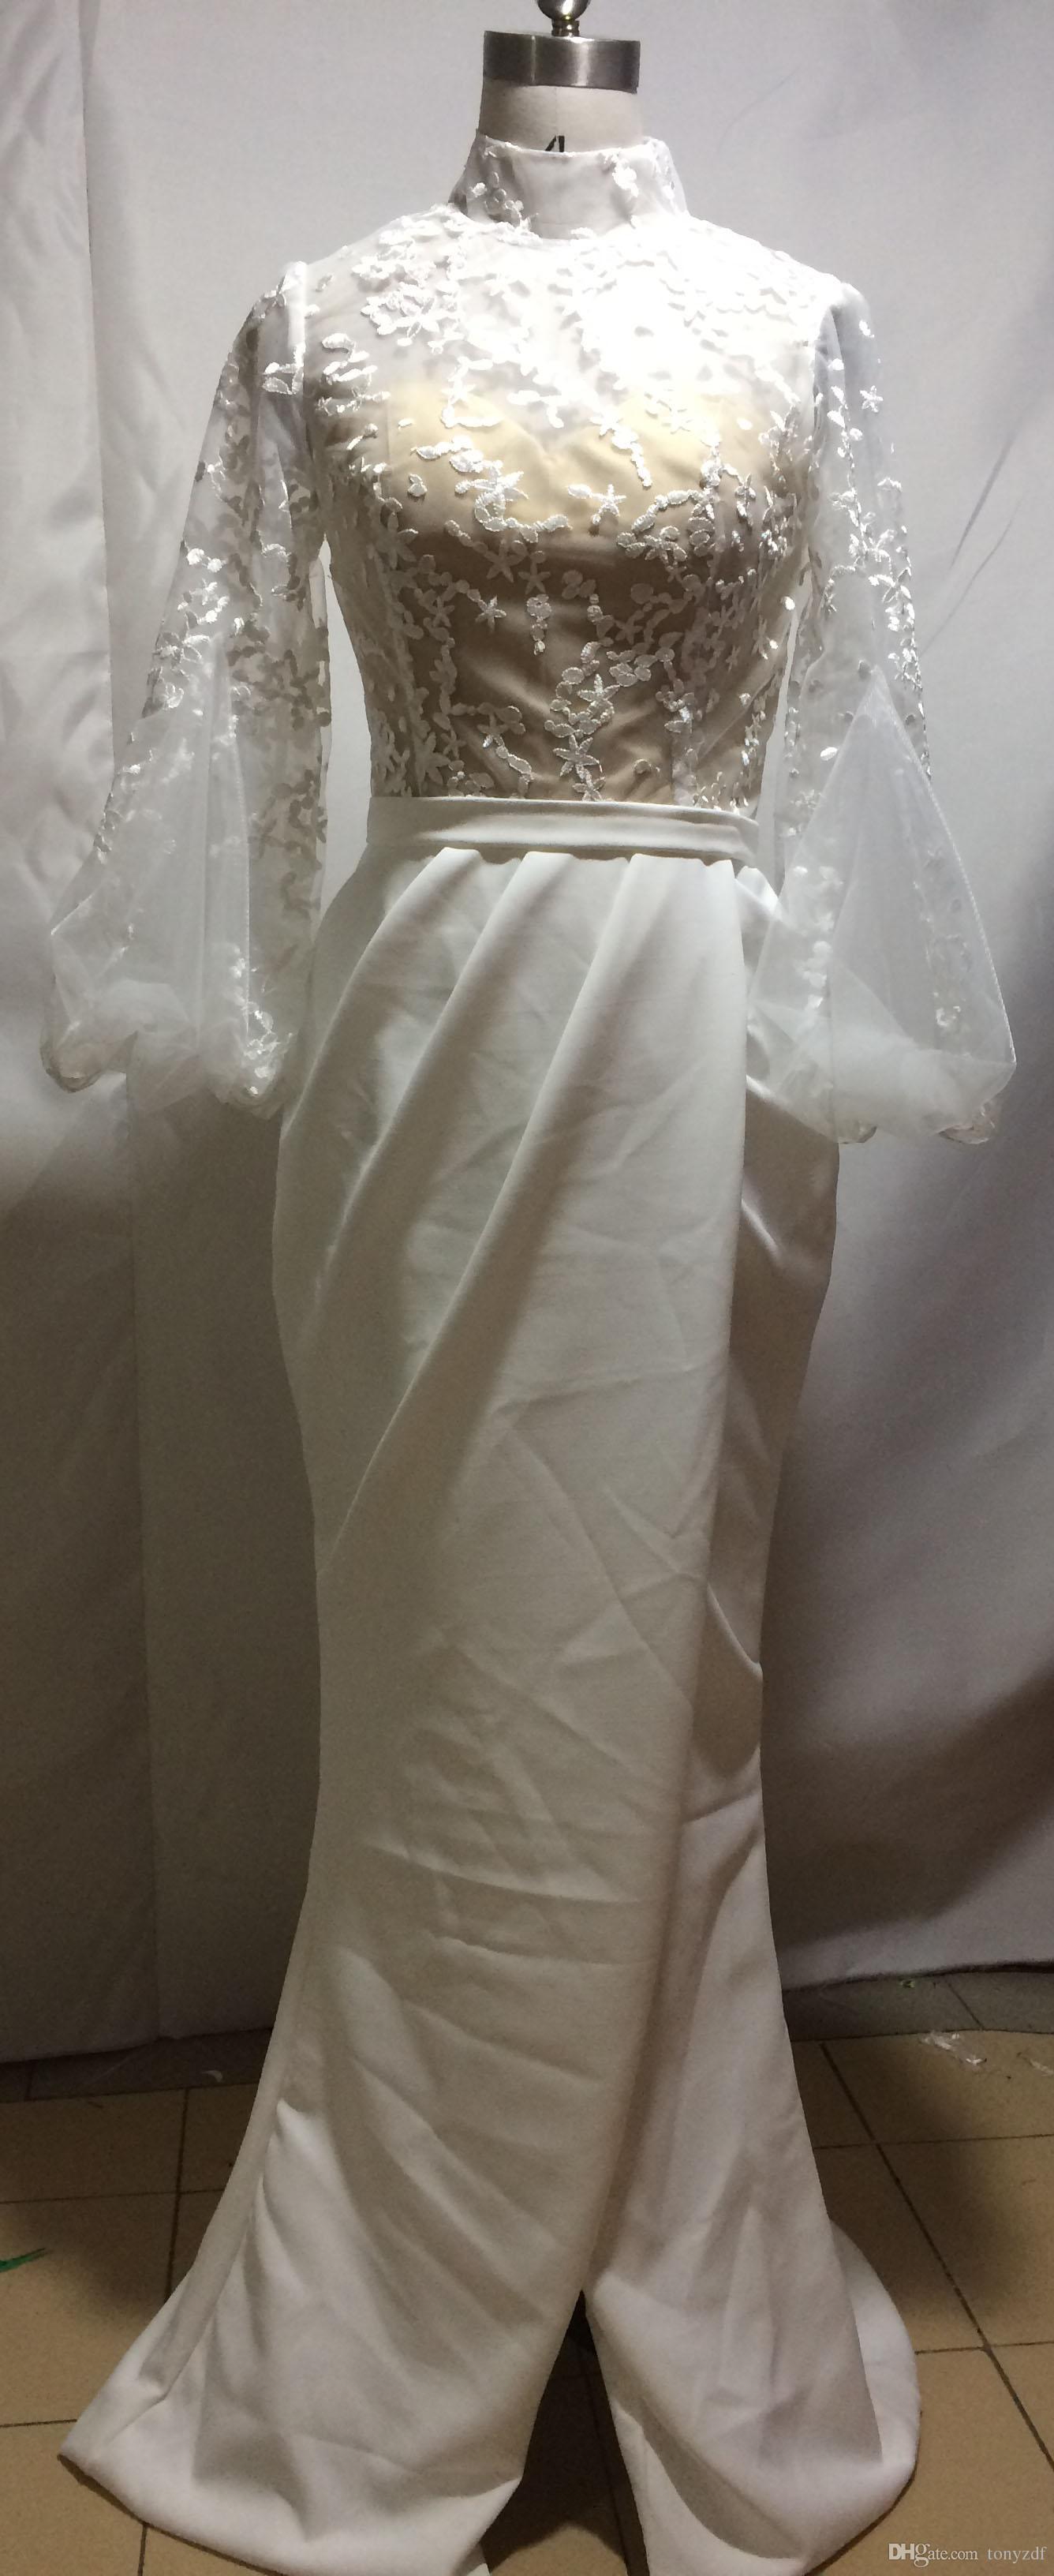 Moda avorio alto colletto in pizzo corpetto a maniche lunghe a maniche lunghe a maniche lunghe a maniche lunghe a maniche lunghe